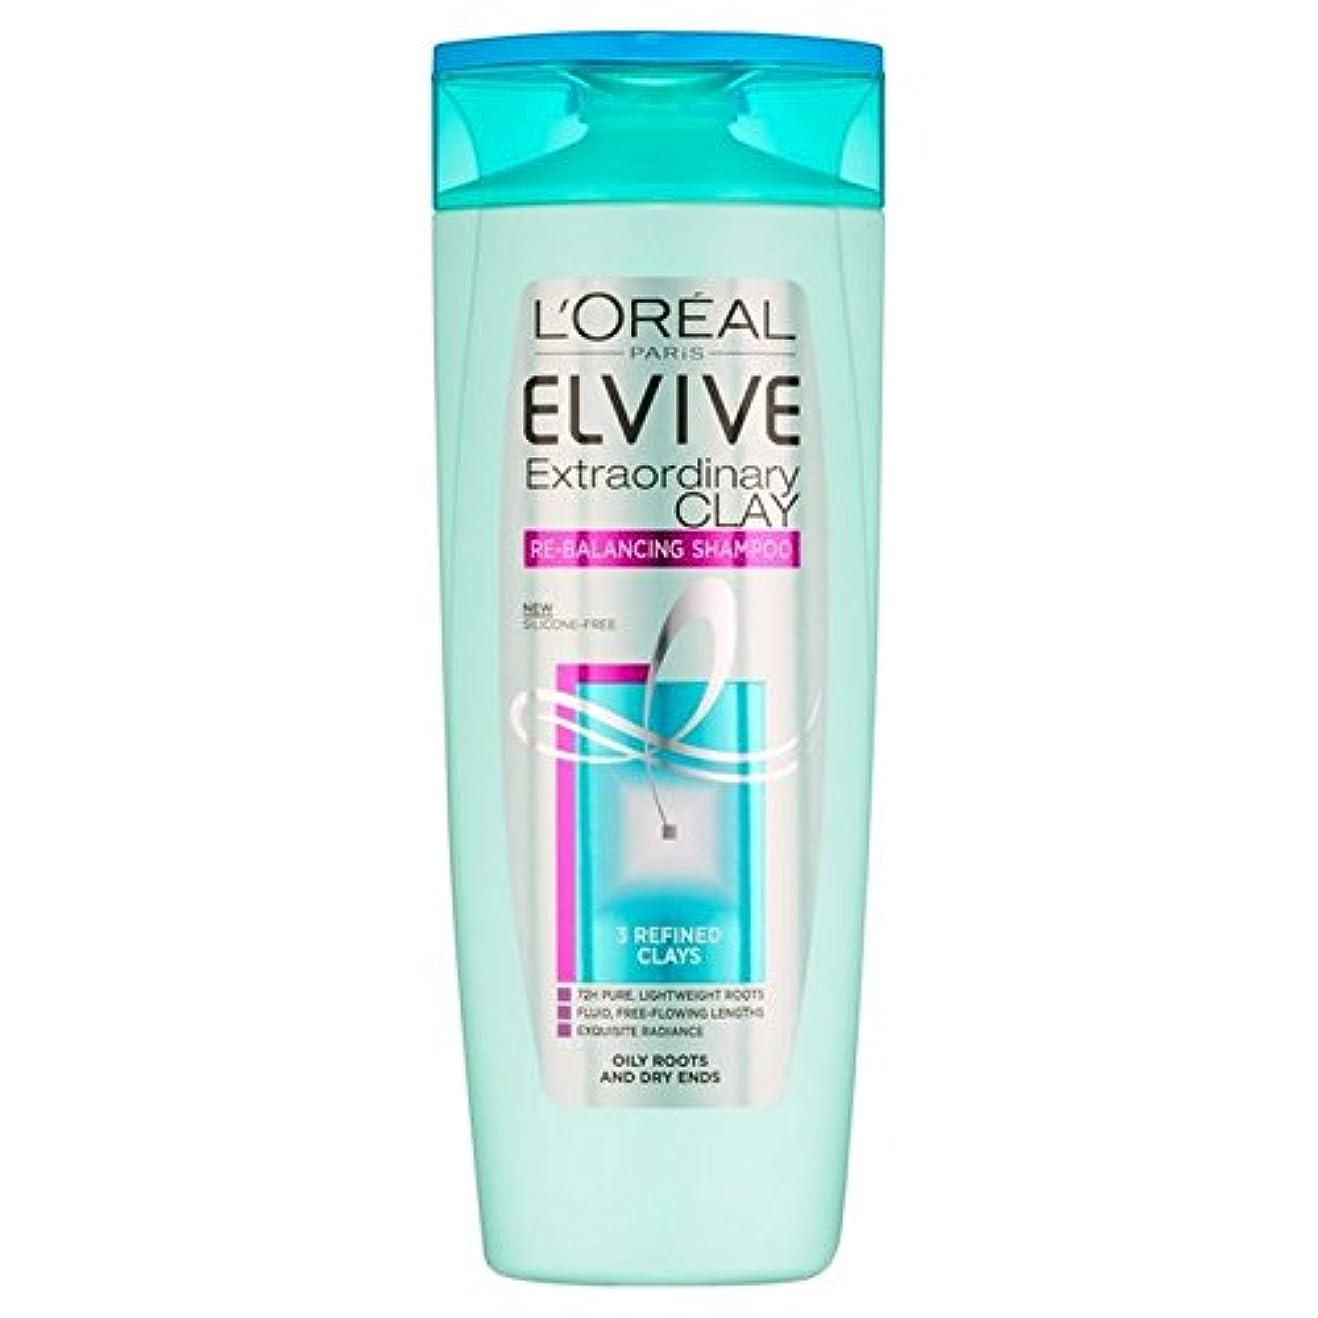 シエスタ立方体時計L'Oreal Paris Elvive Extraordinary Clay Re-Balancing Shampoo 400ml - ロレアルパリ臨時粘土再バランシングシャンプー400ミリリットル [並行輸入品]